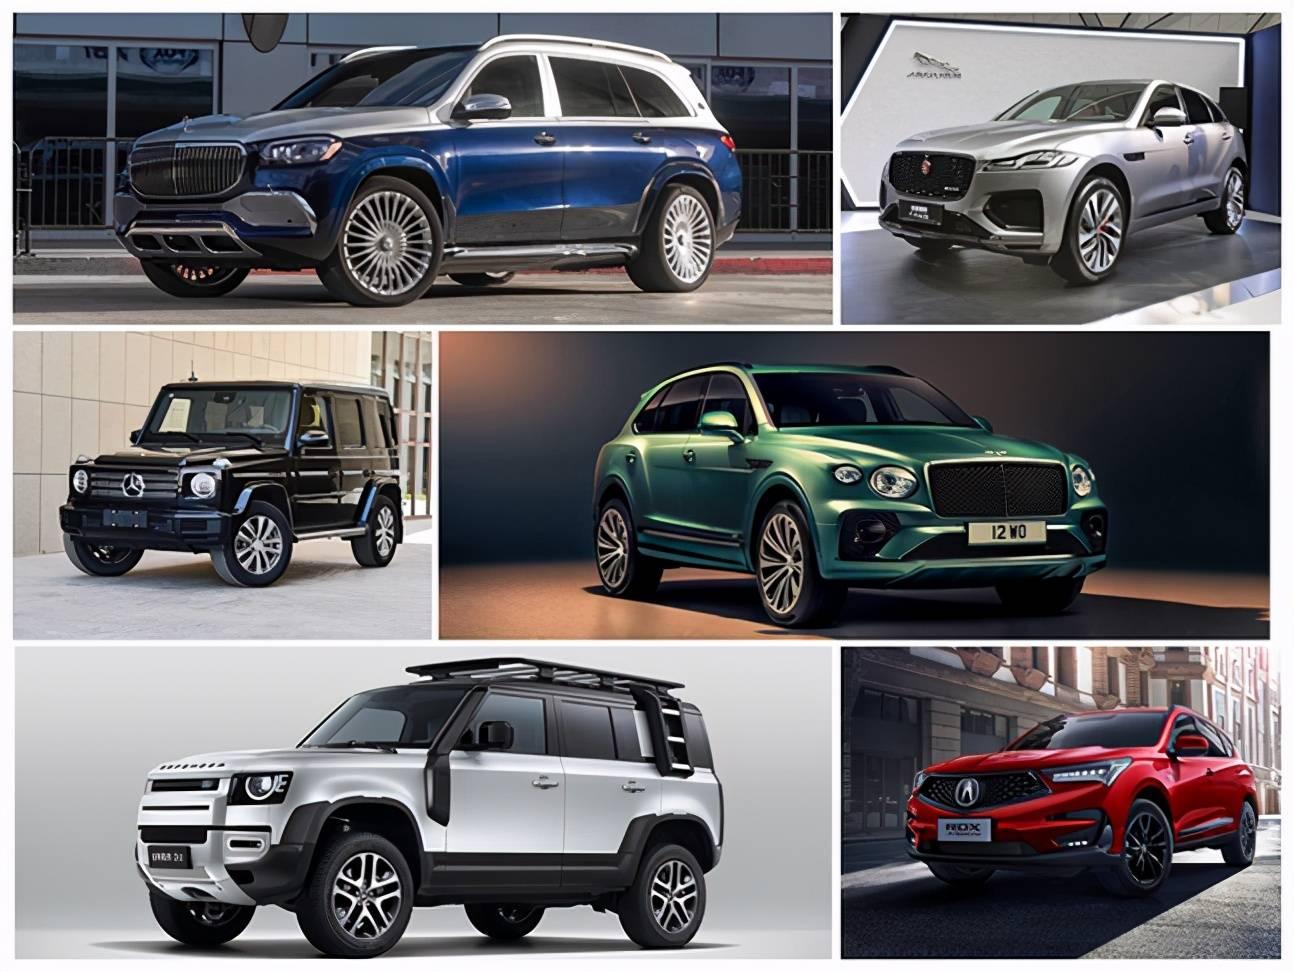 原厂2020款豪华SUV新车库存,主营运动、硬地两种款式